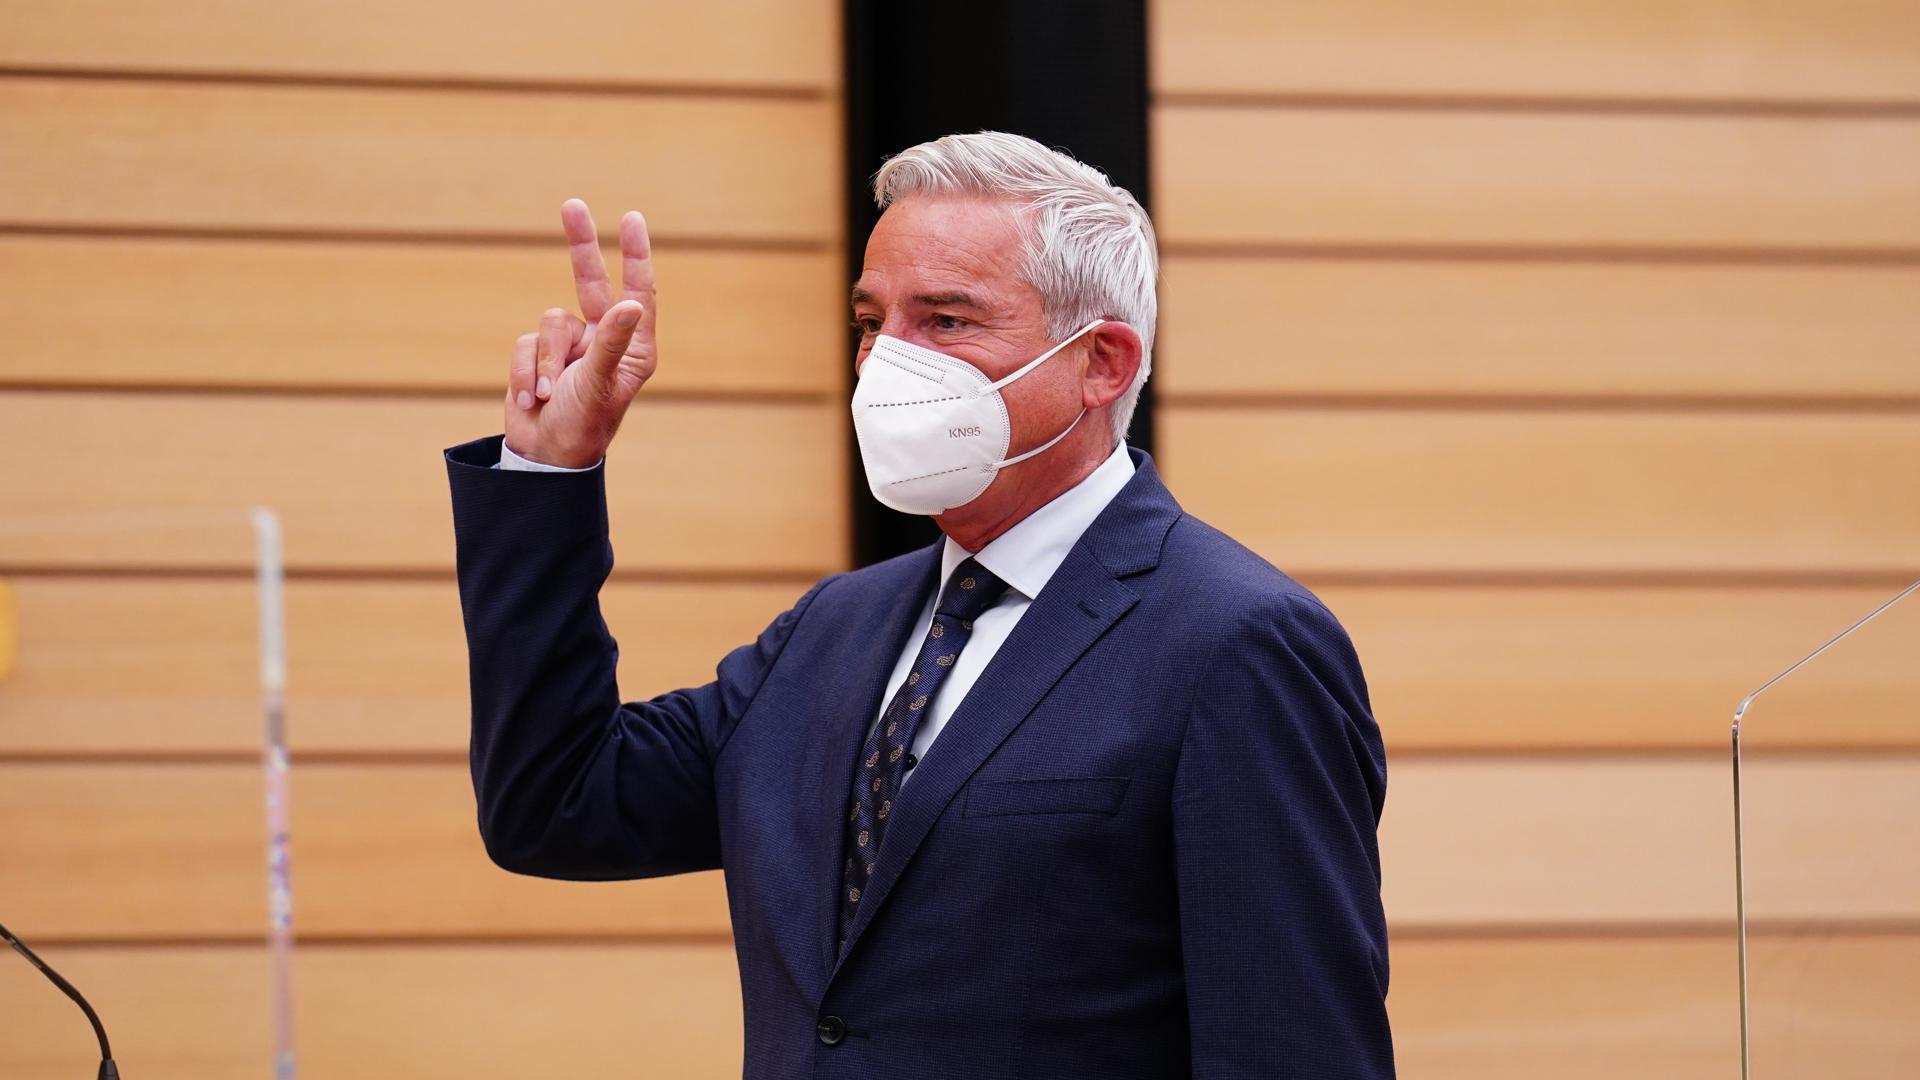 Auftaktsitzung des neu gewählten Landtags von Baden-Württemberg. Thomas Strobl (CDU), legt seinen Amtseid als Innenminister von Baden-Württemberg ab. +++ dpa-Bildfunk +++